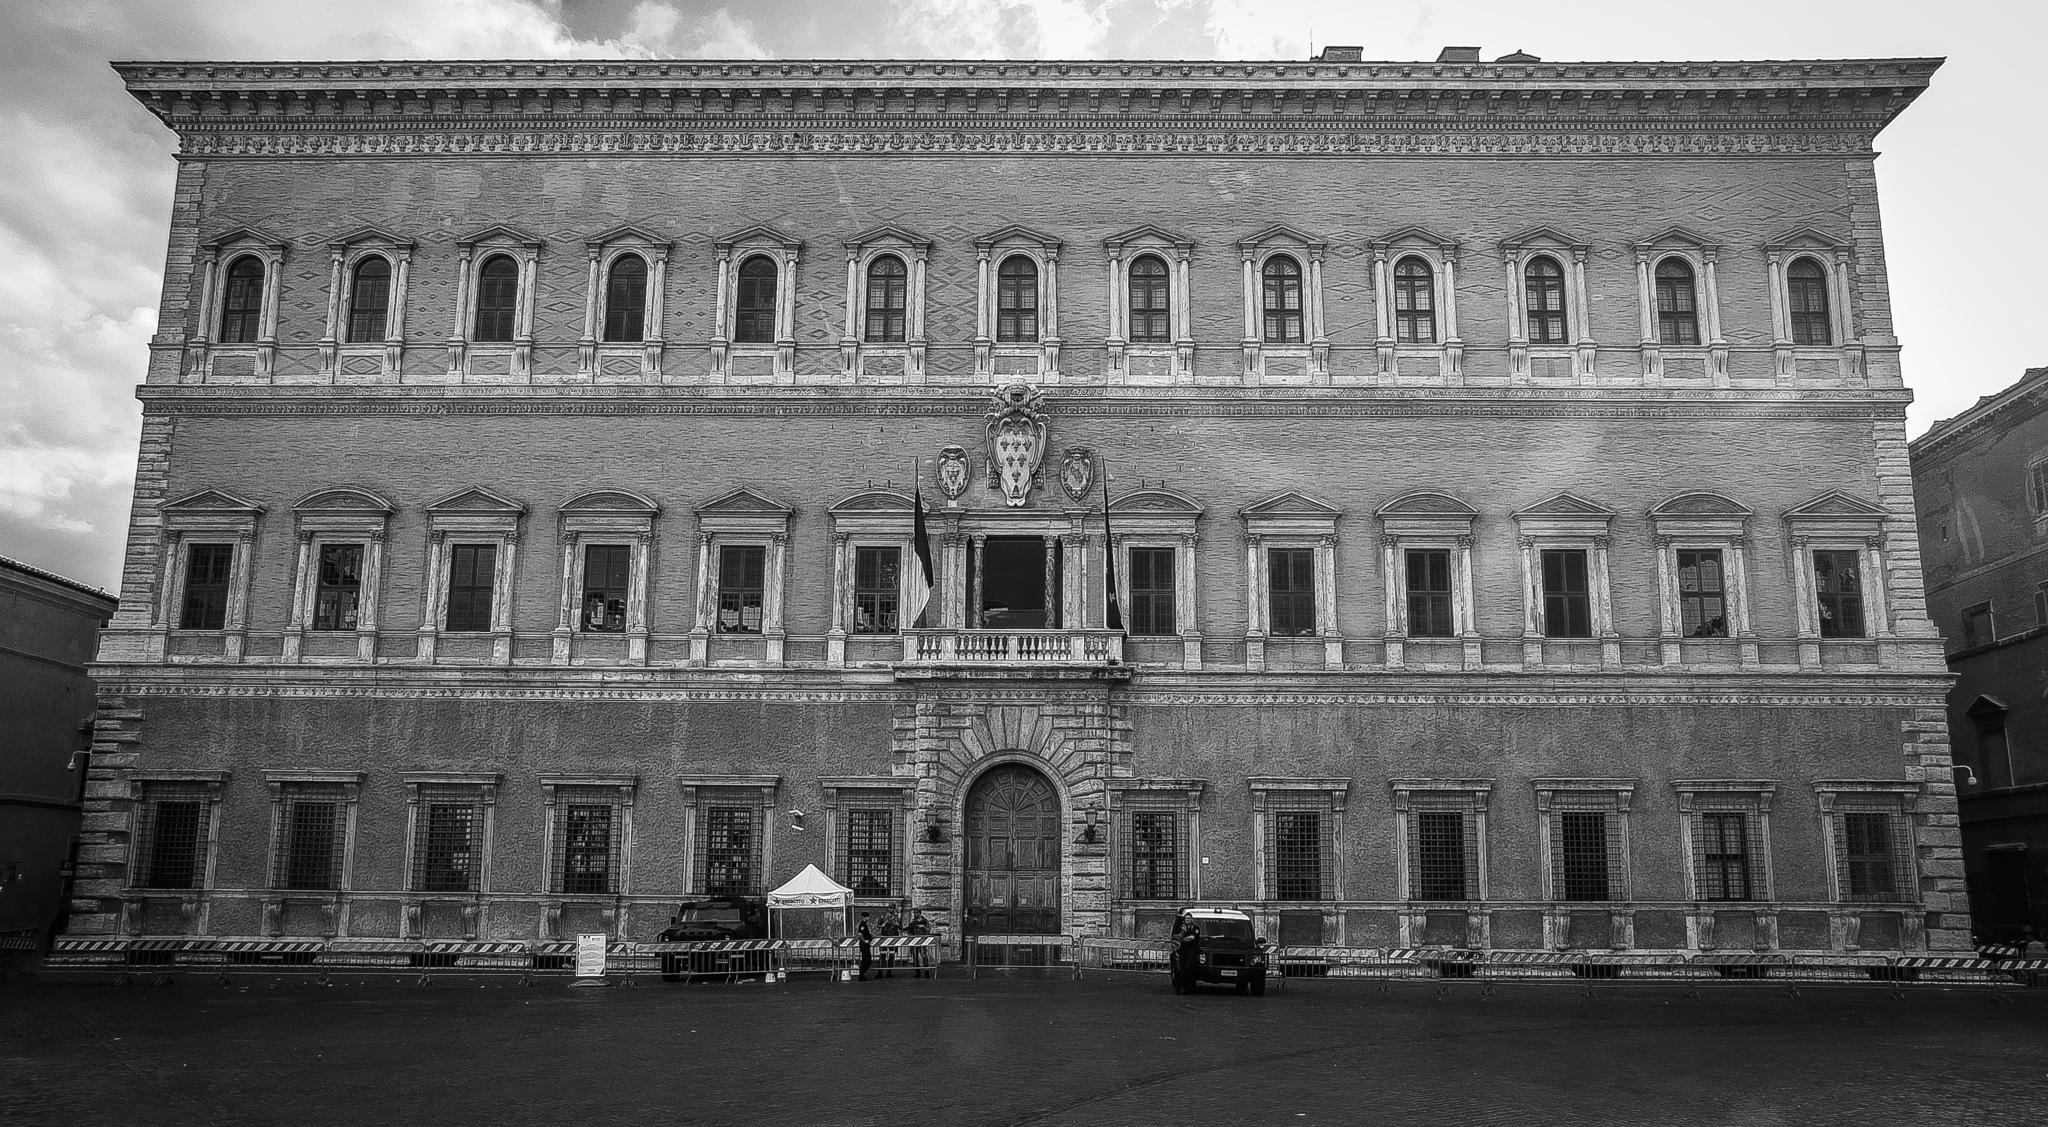 Palazzo Farnese by oscarruben_suarez